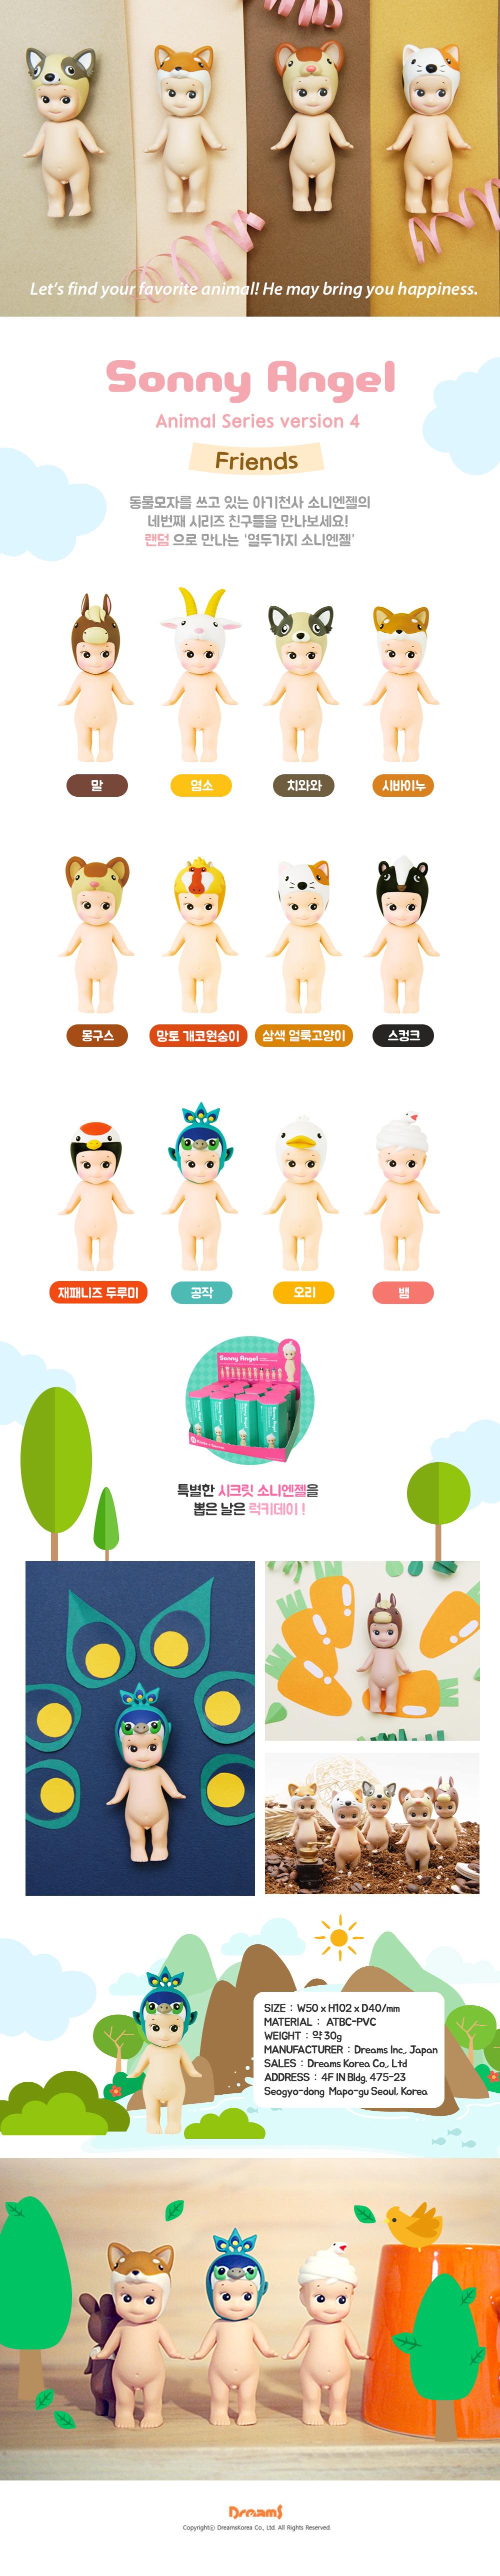 [드림즈코리아 정품 소니엔젤] 미니피규어_Animal 4 ver (랜덤) - 소니엔젤, 6,900원, 캐릭터 피규어, 소니엔젤